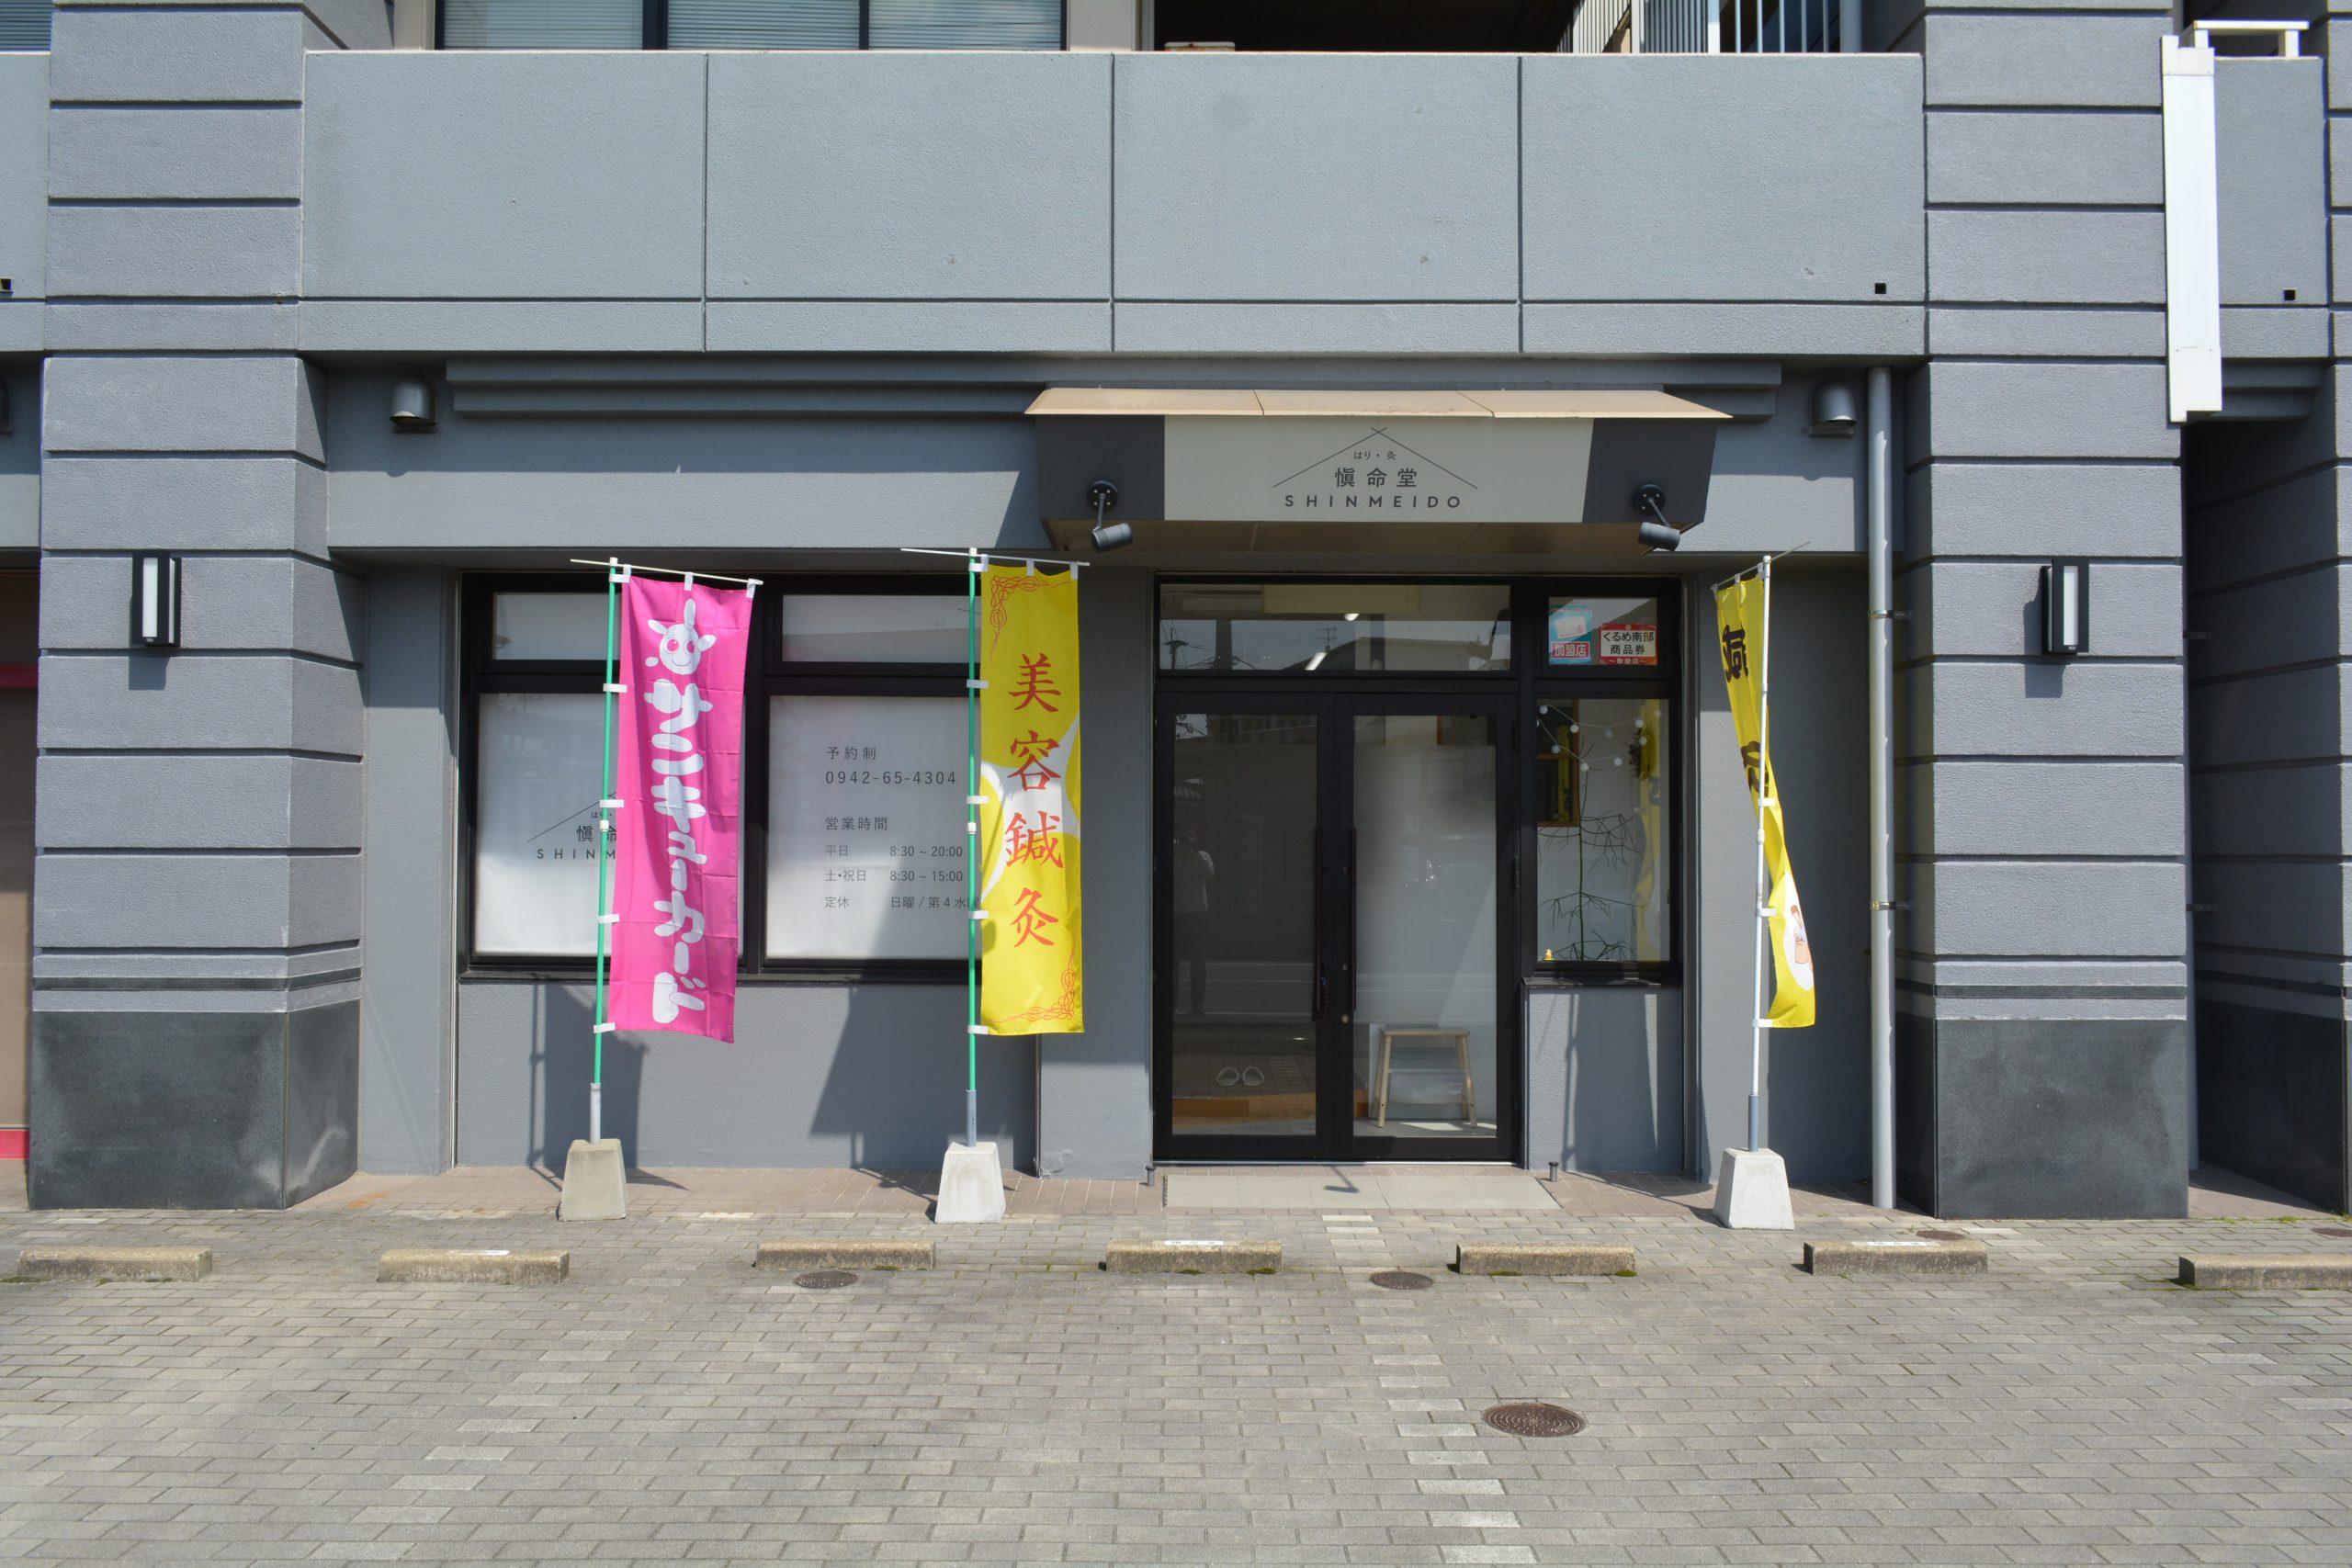 西日本観光タクシー前の鍼灸院・治療院